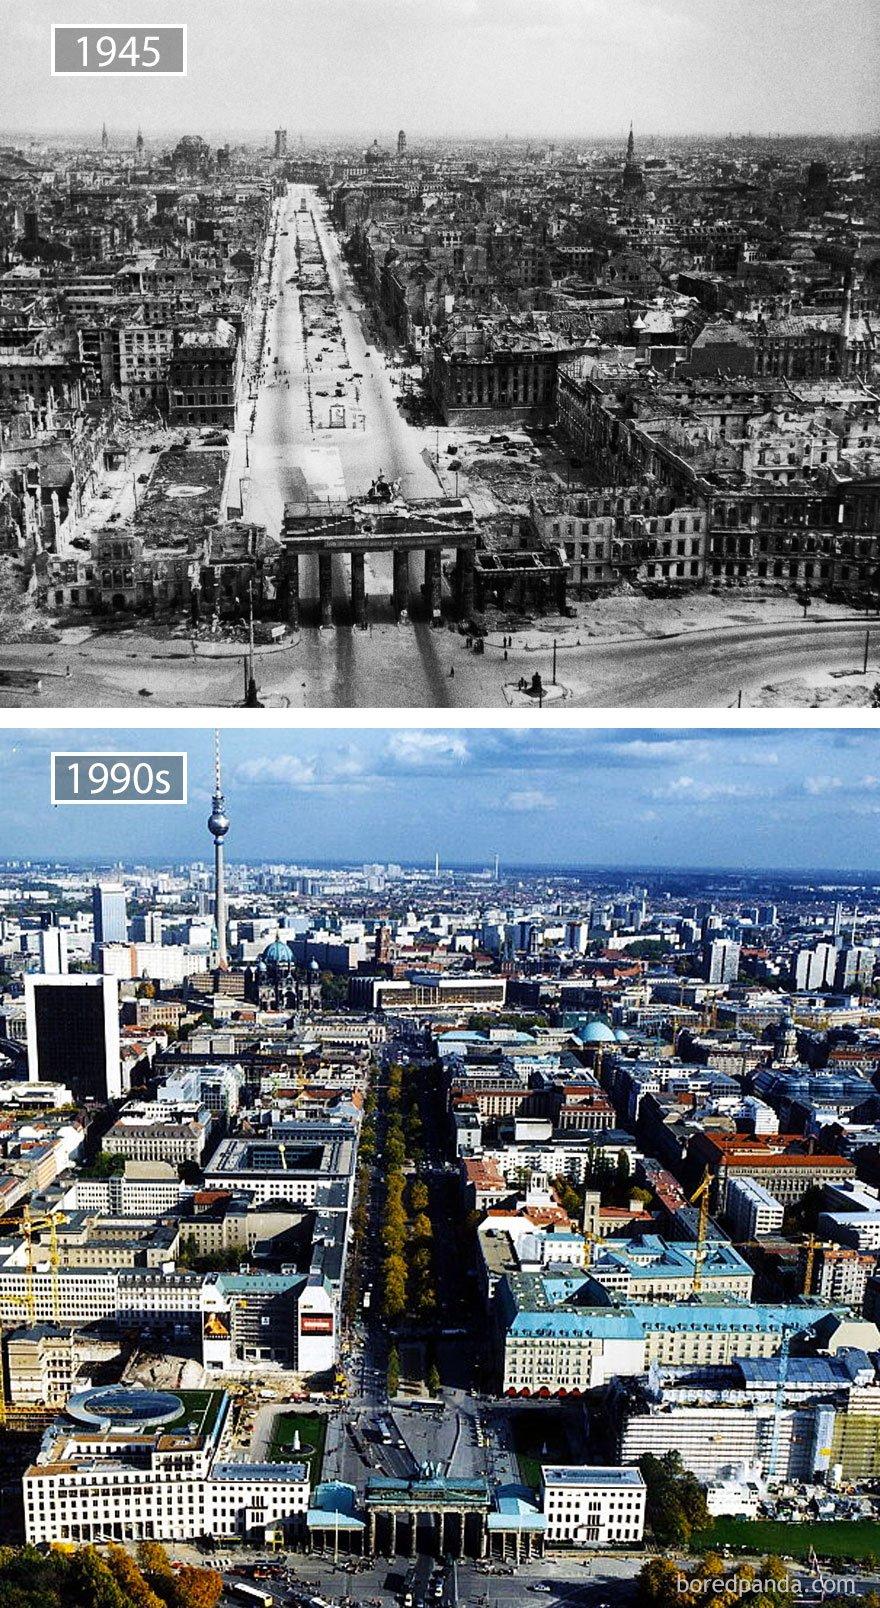 베를린, 독일 -1945 및 1990 년대